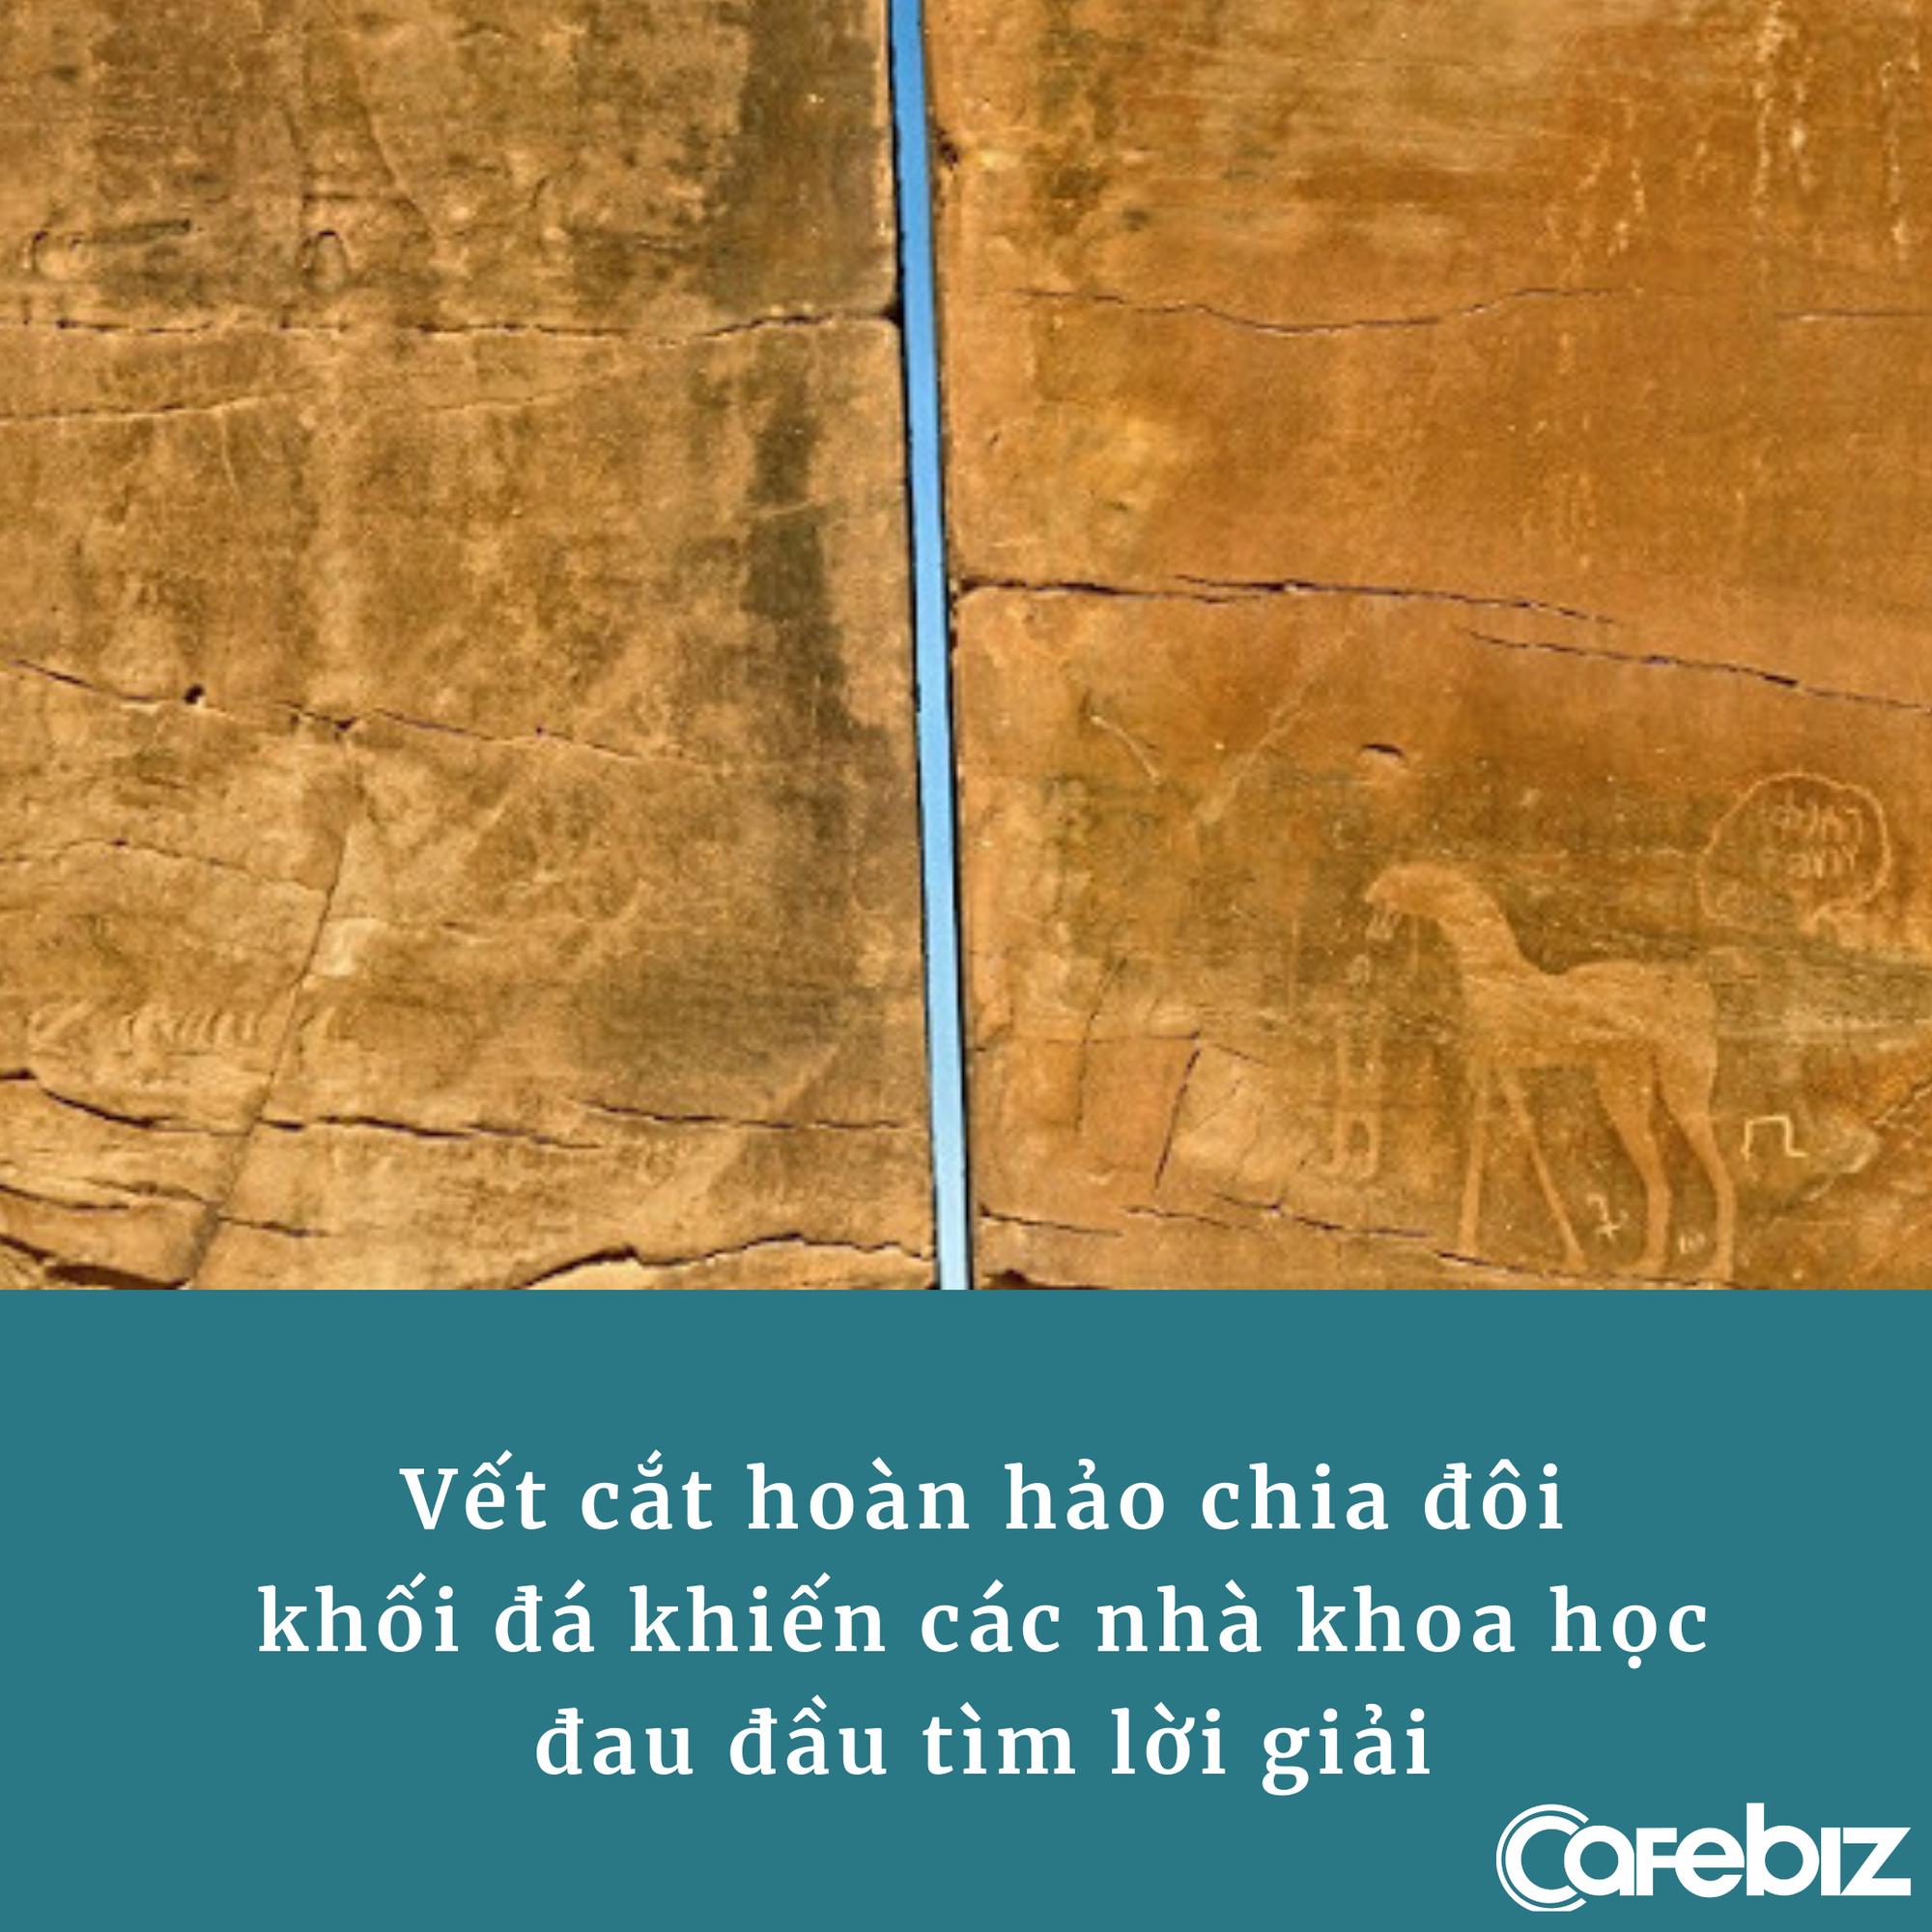 Khối đá vạn năm tuổi, nặng cả trăm tấn bị chia đôi hoàn hảo bởi vết cắt bí ẩn - Ảnh 1.